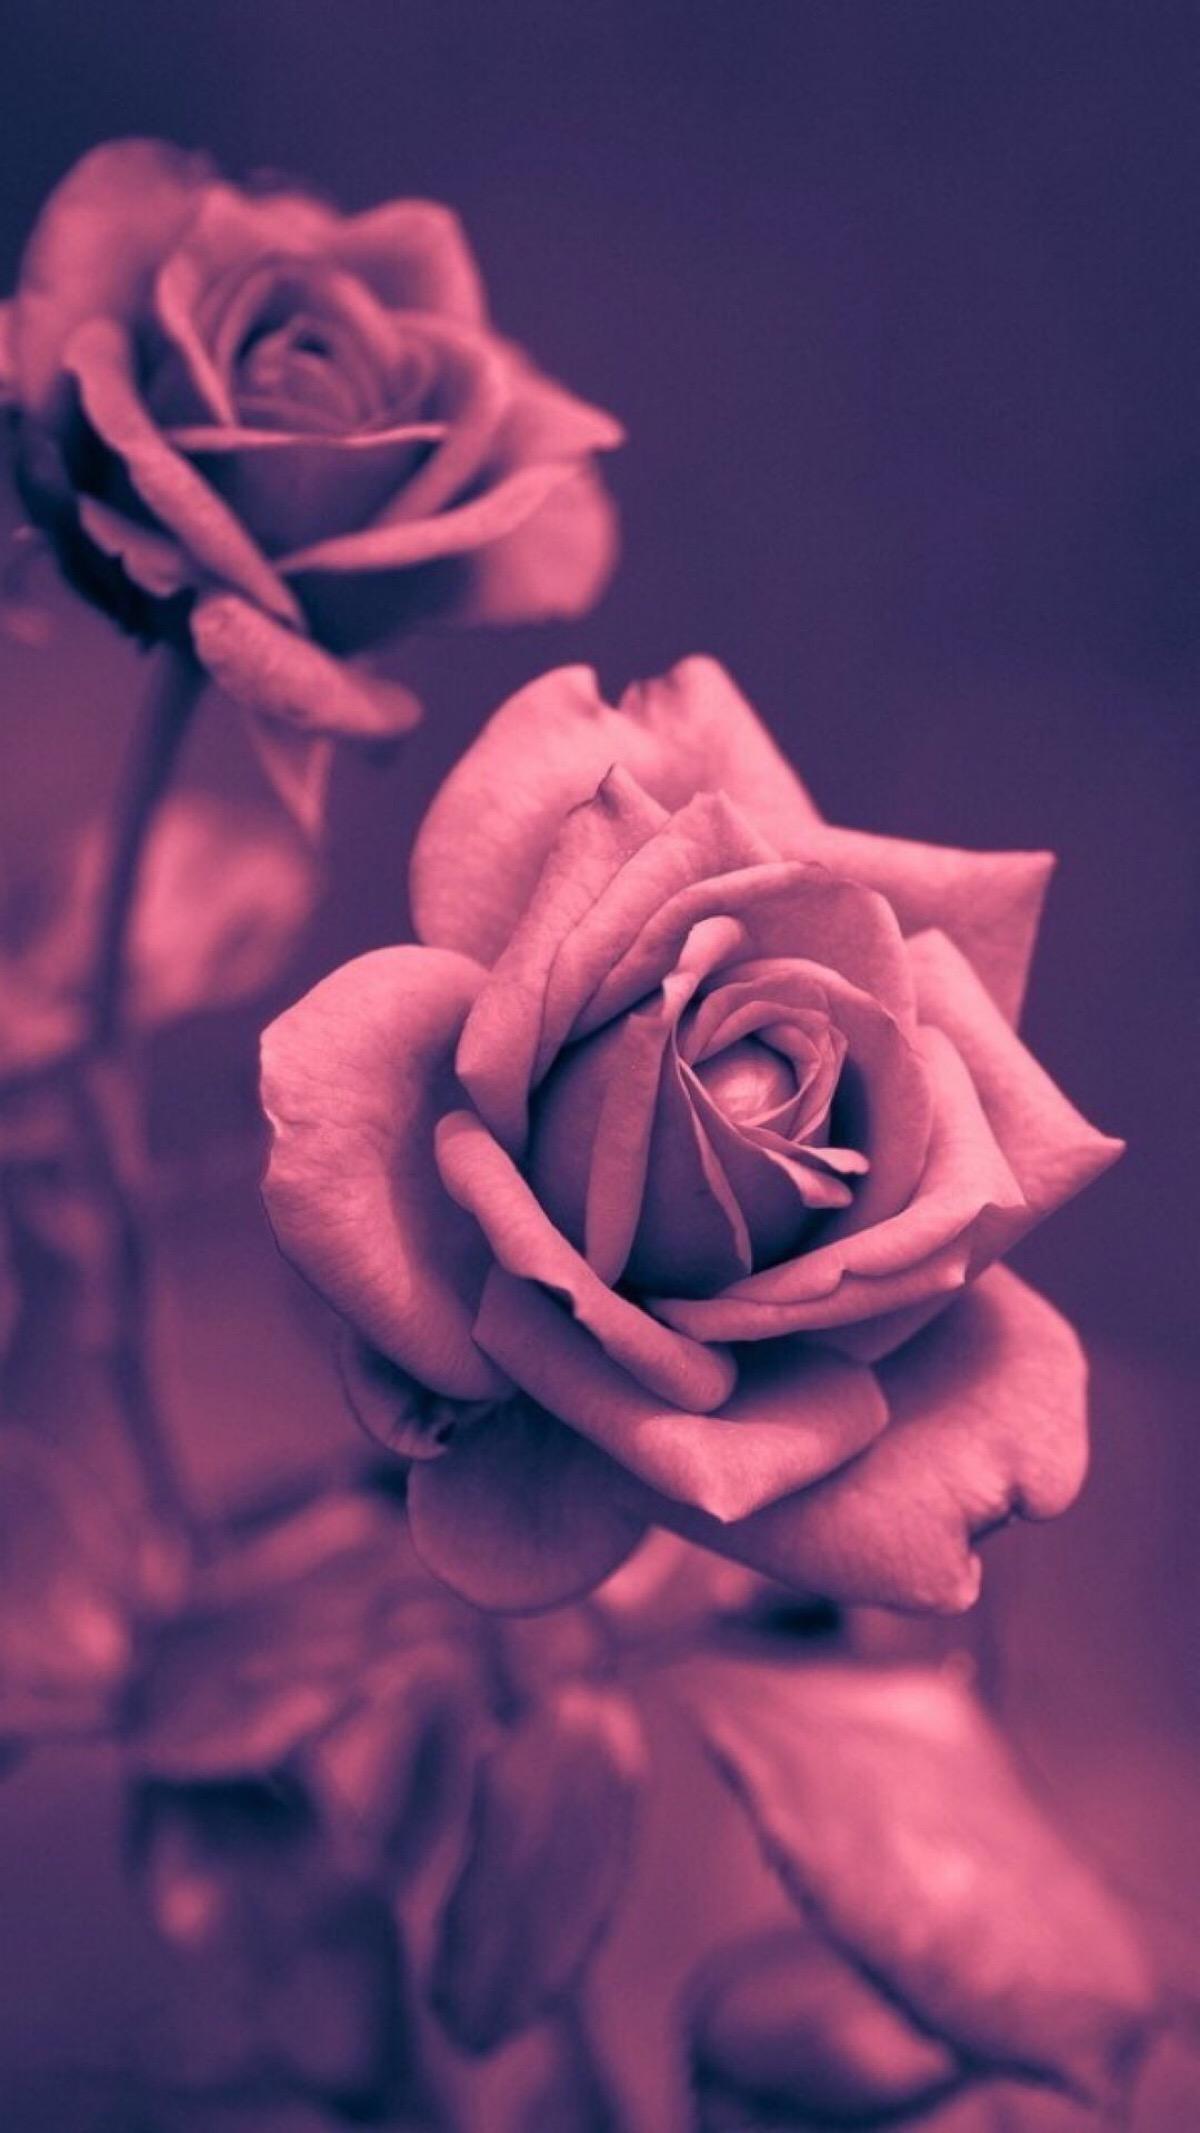 玫瑰带字唯美意境图片 带字的紫玫瑰图片